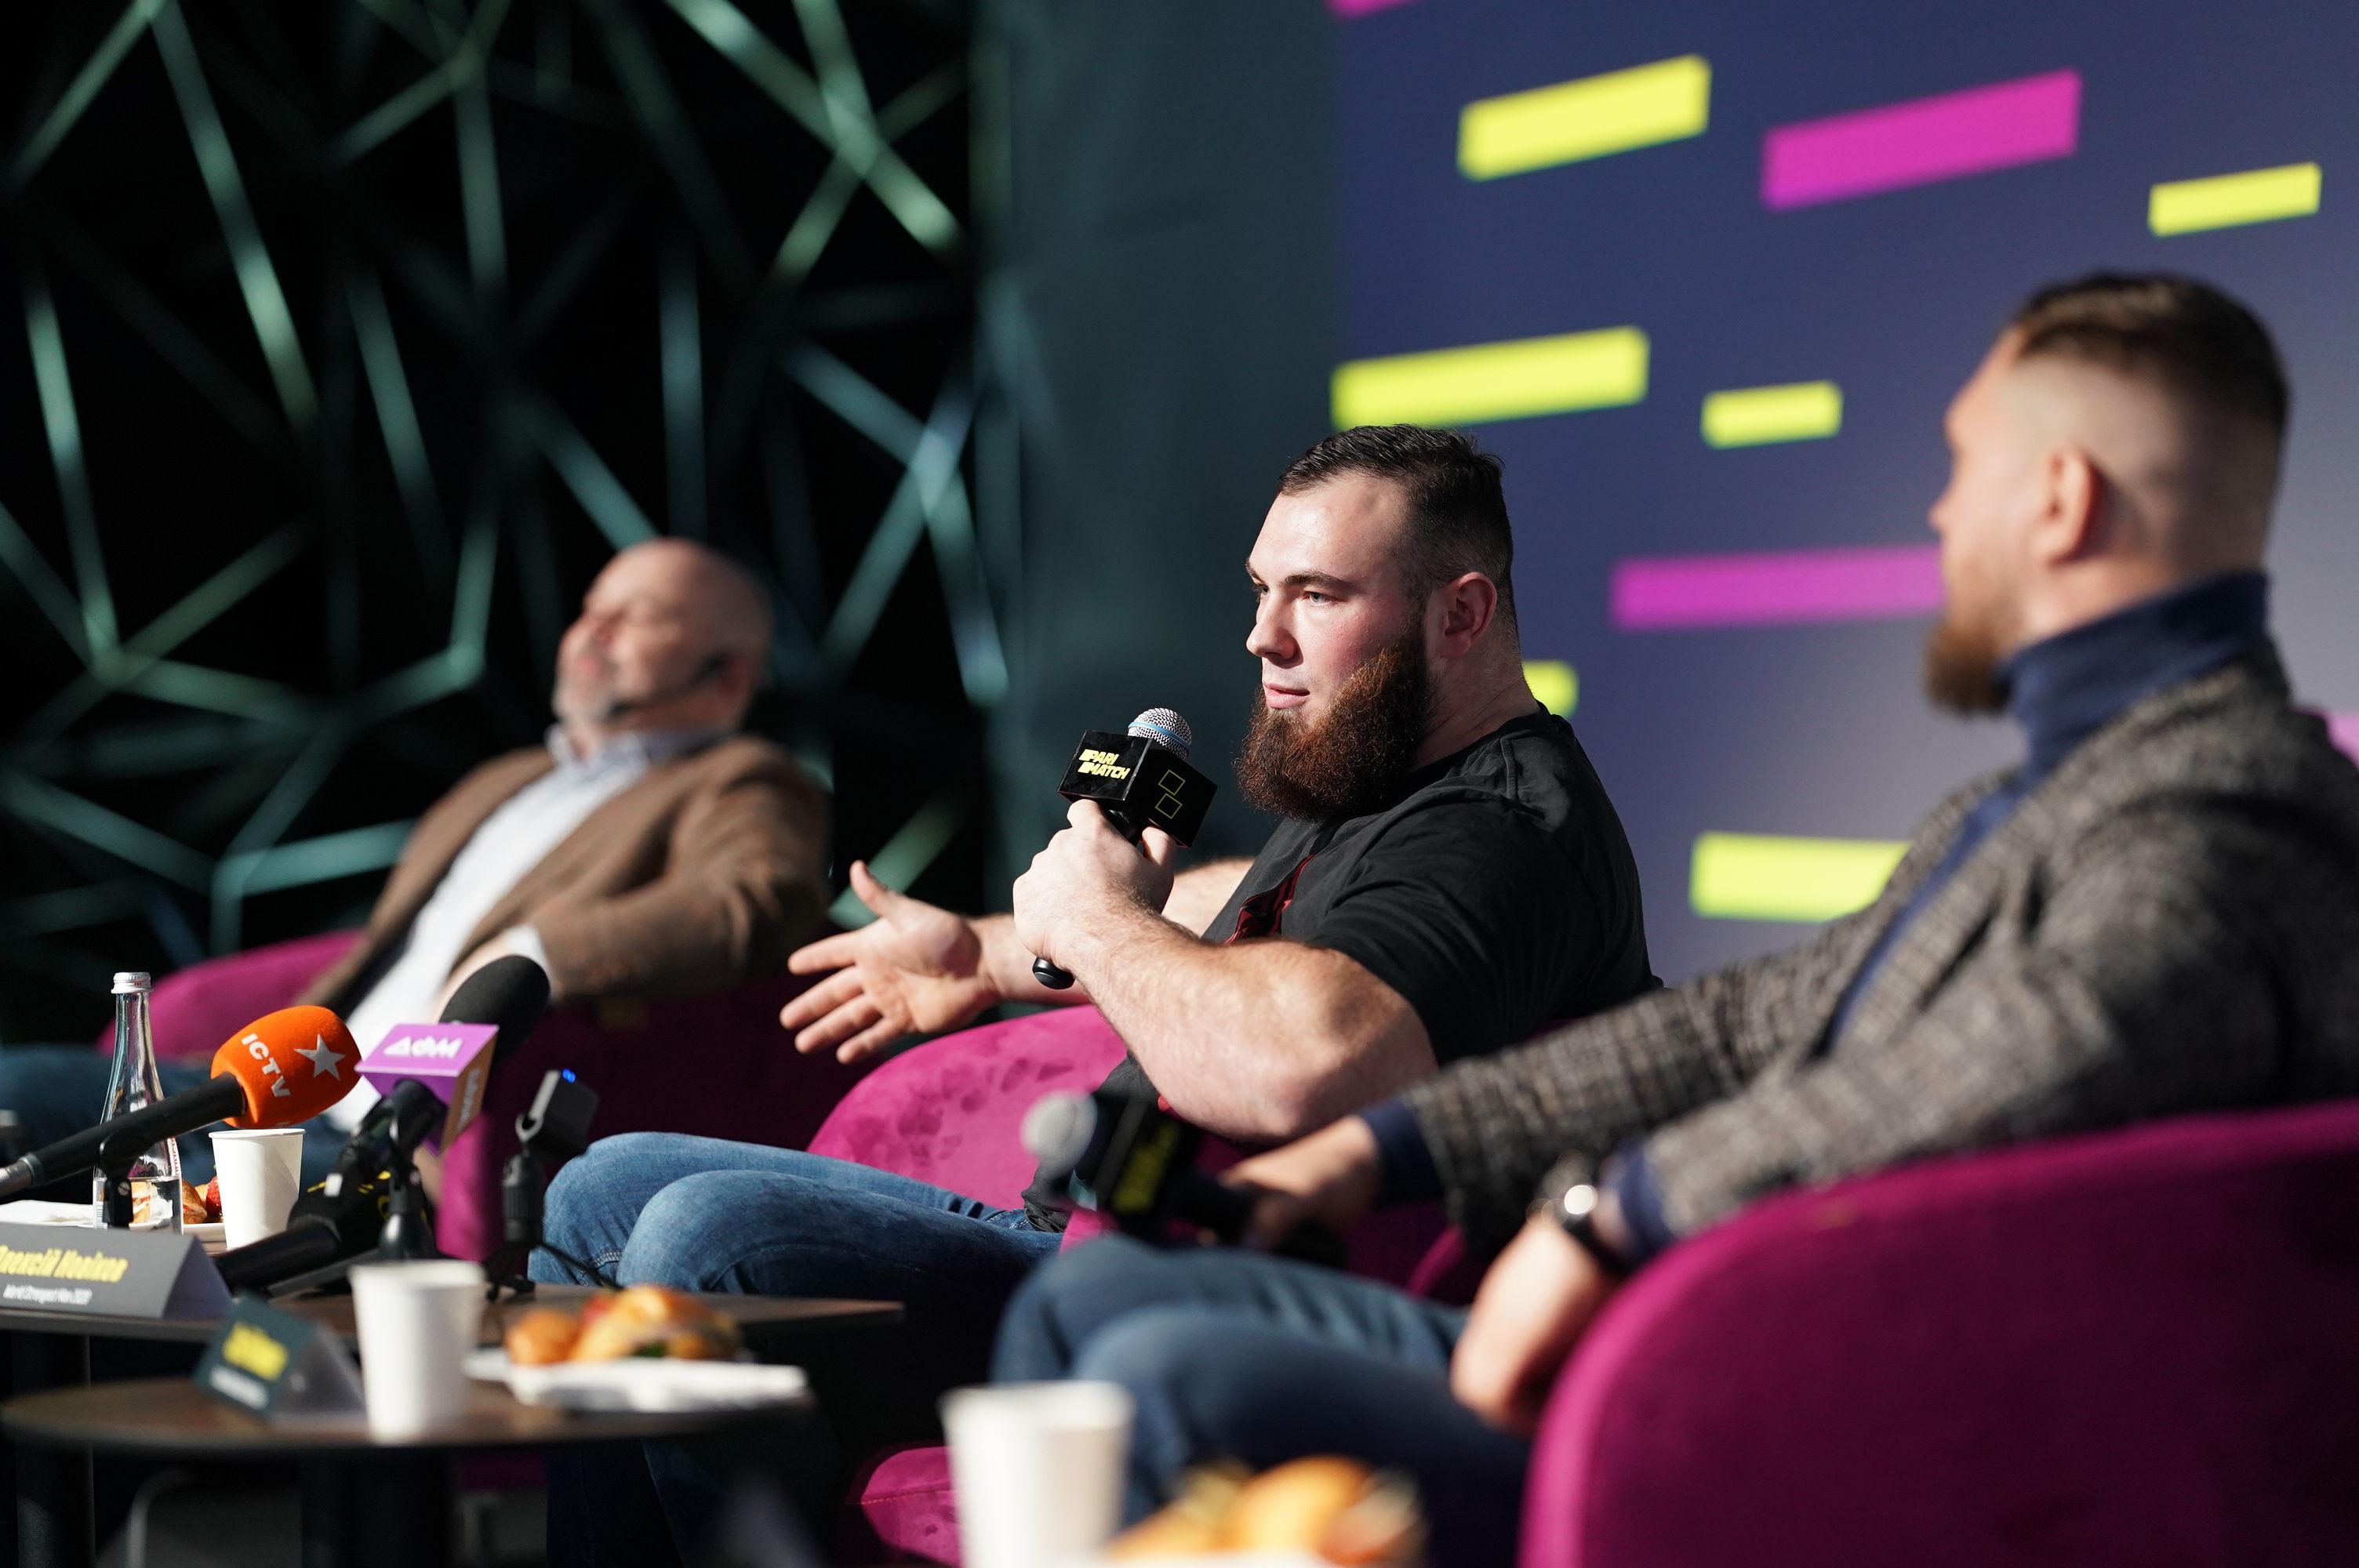 Самый сильный человек планеты Алексей Новиков рассказал о завтраках перед рекордами - изображение 1